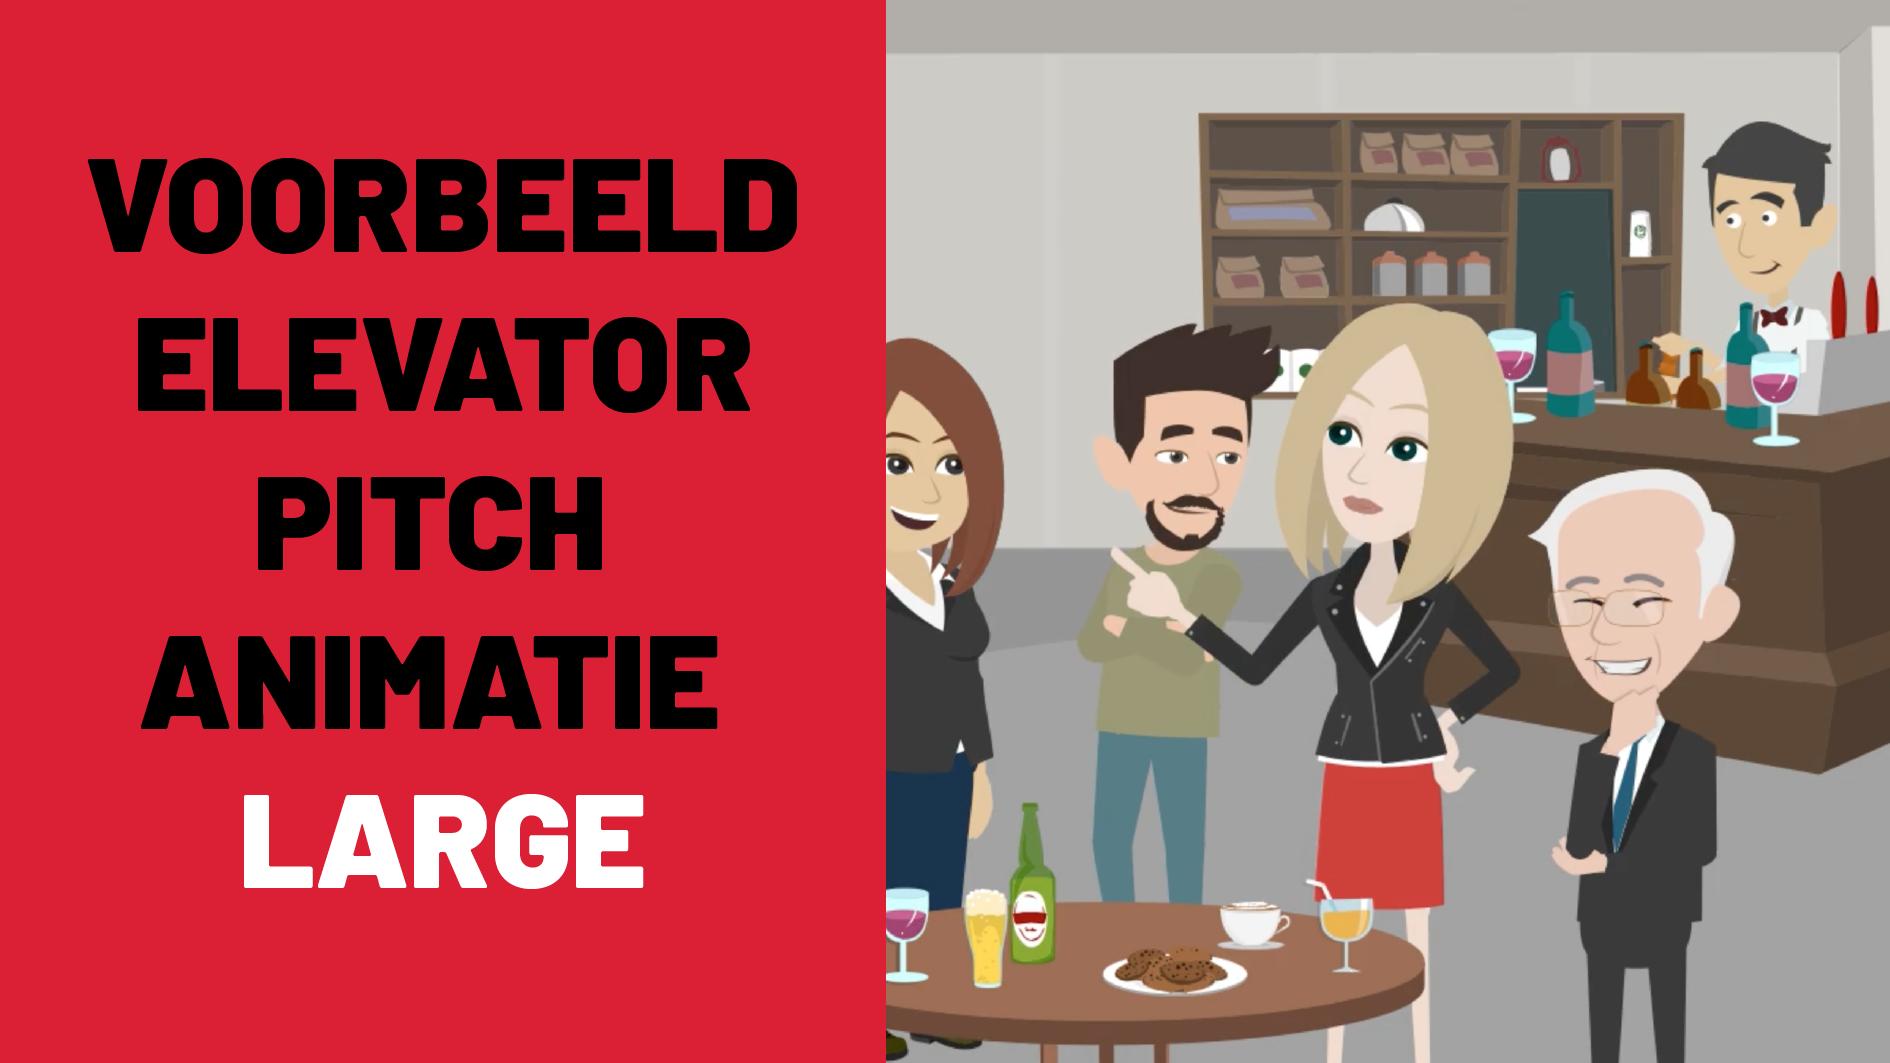 Voorbeeld elevator pitch animatie large